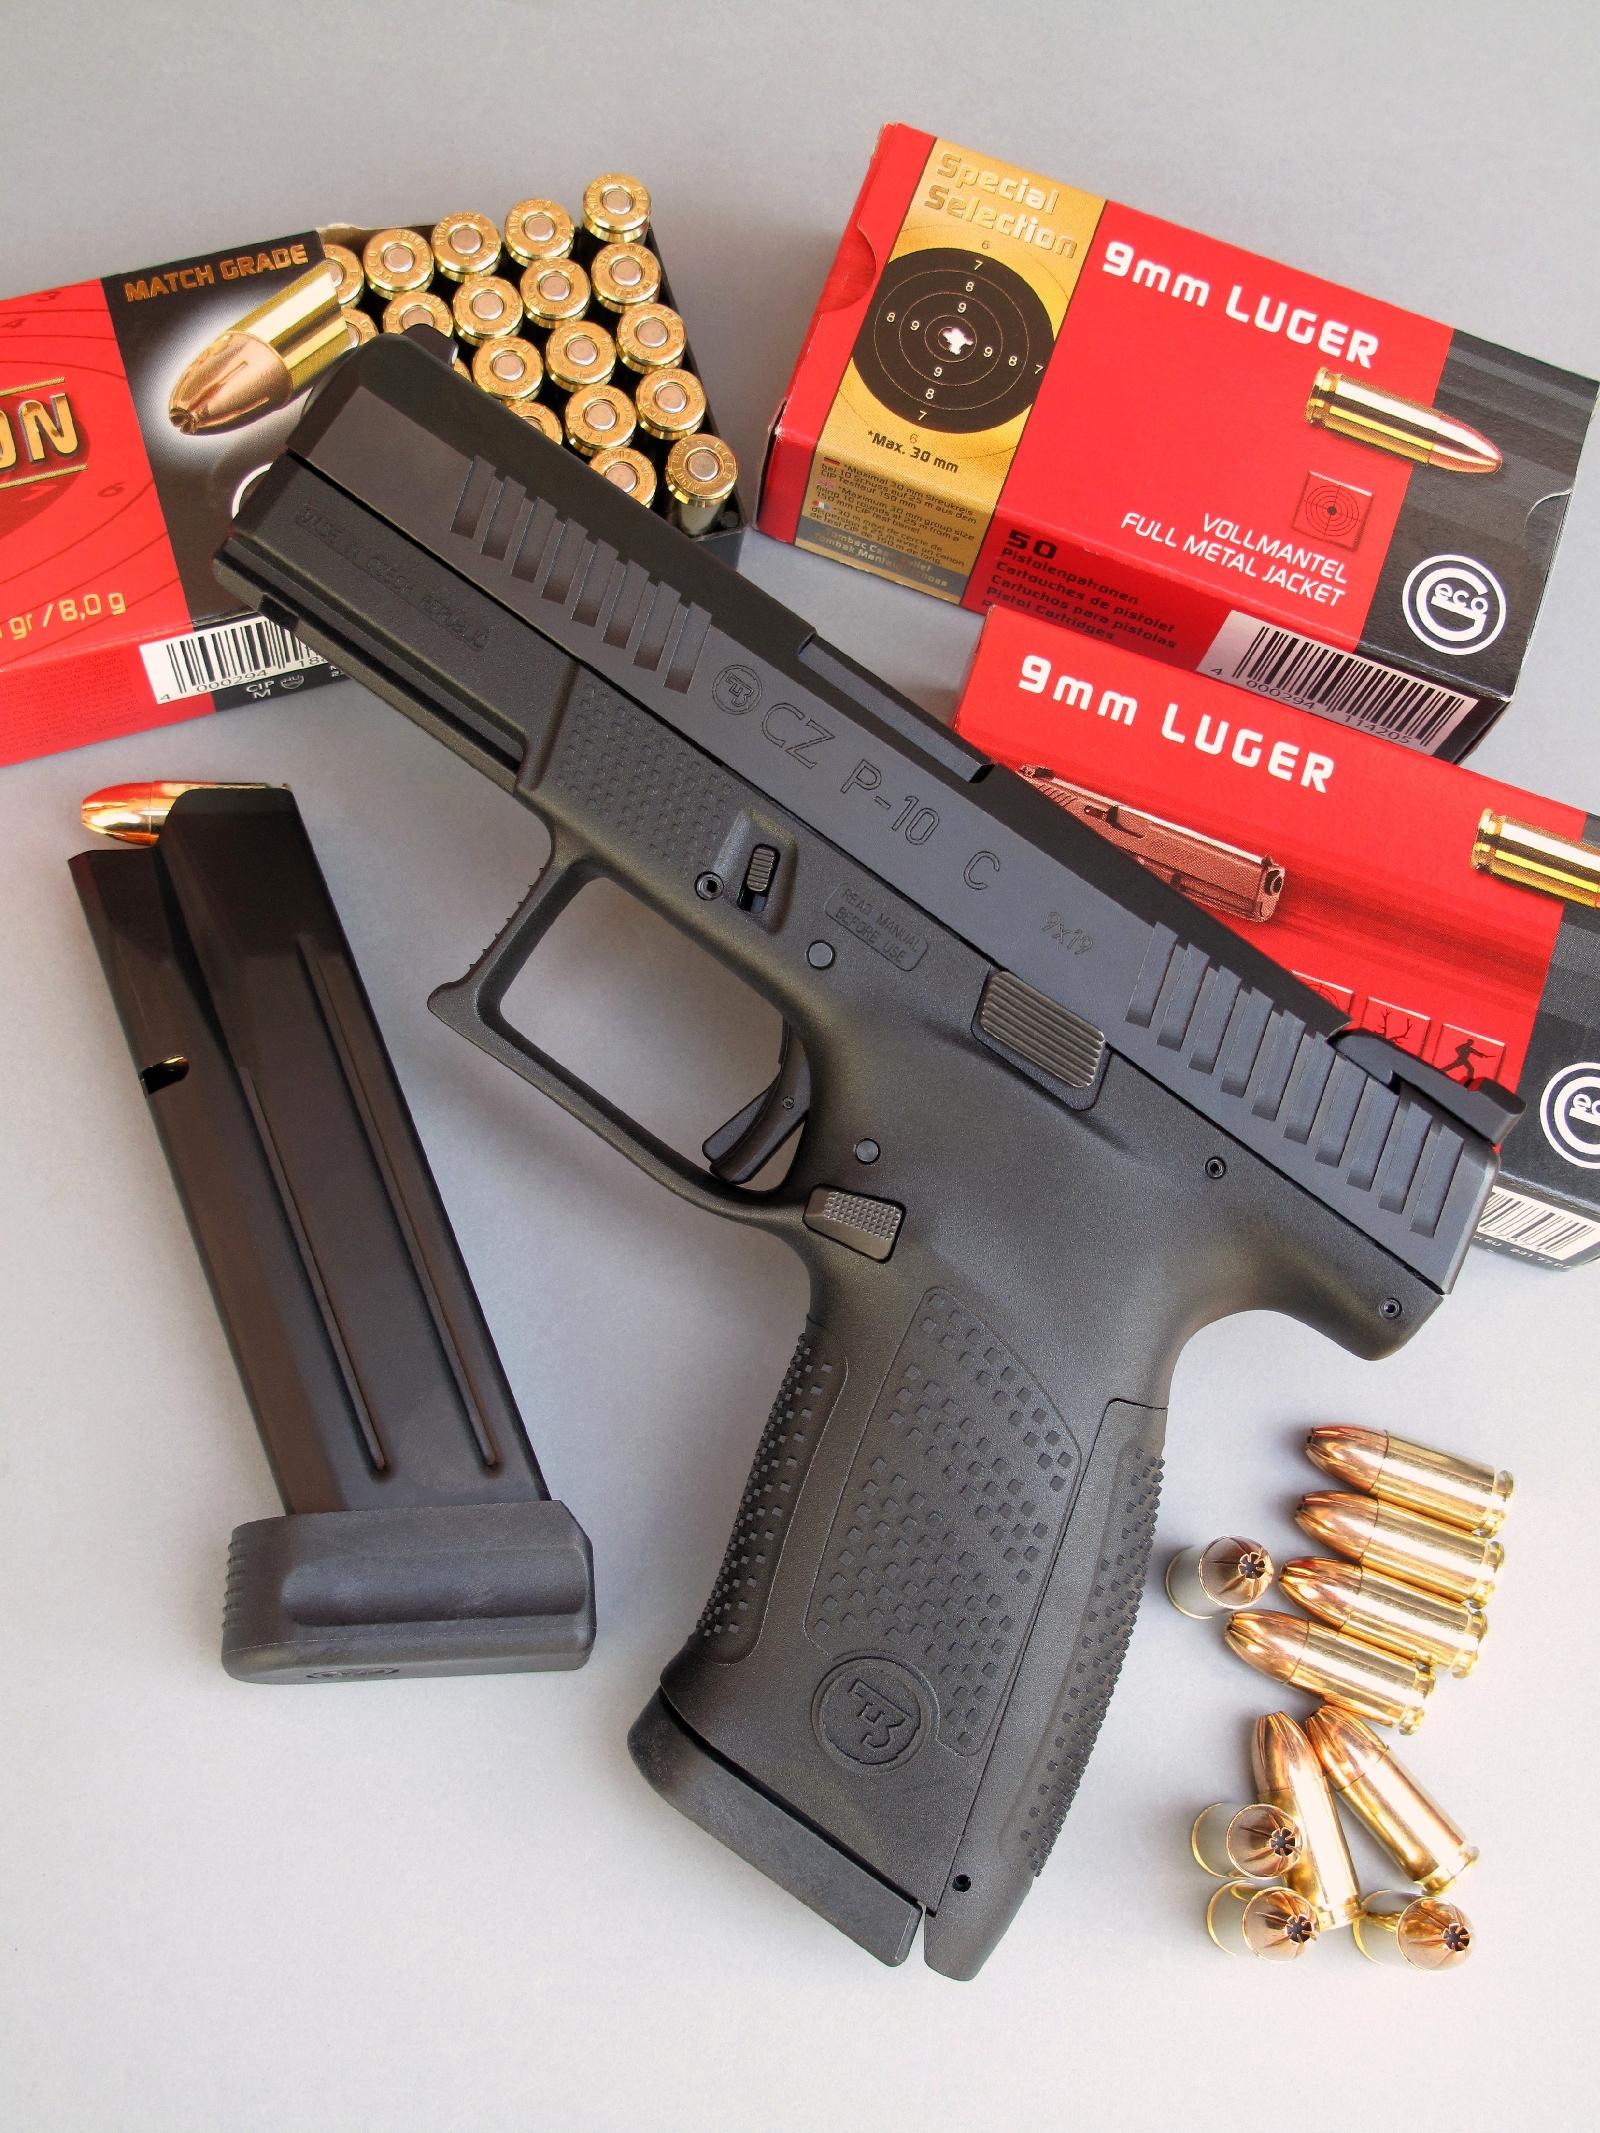 Le pistolet CZ P-10 C est accompagné ici par son second chargeur équipé d'un talon « +2 » lui assurant une capacité de 17 cartouches.